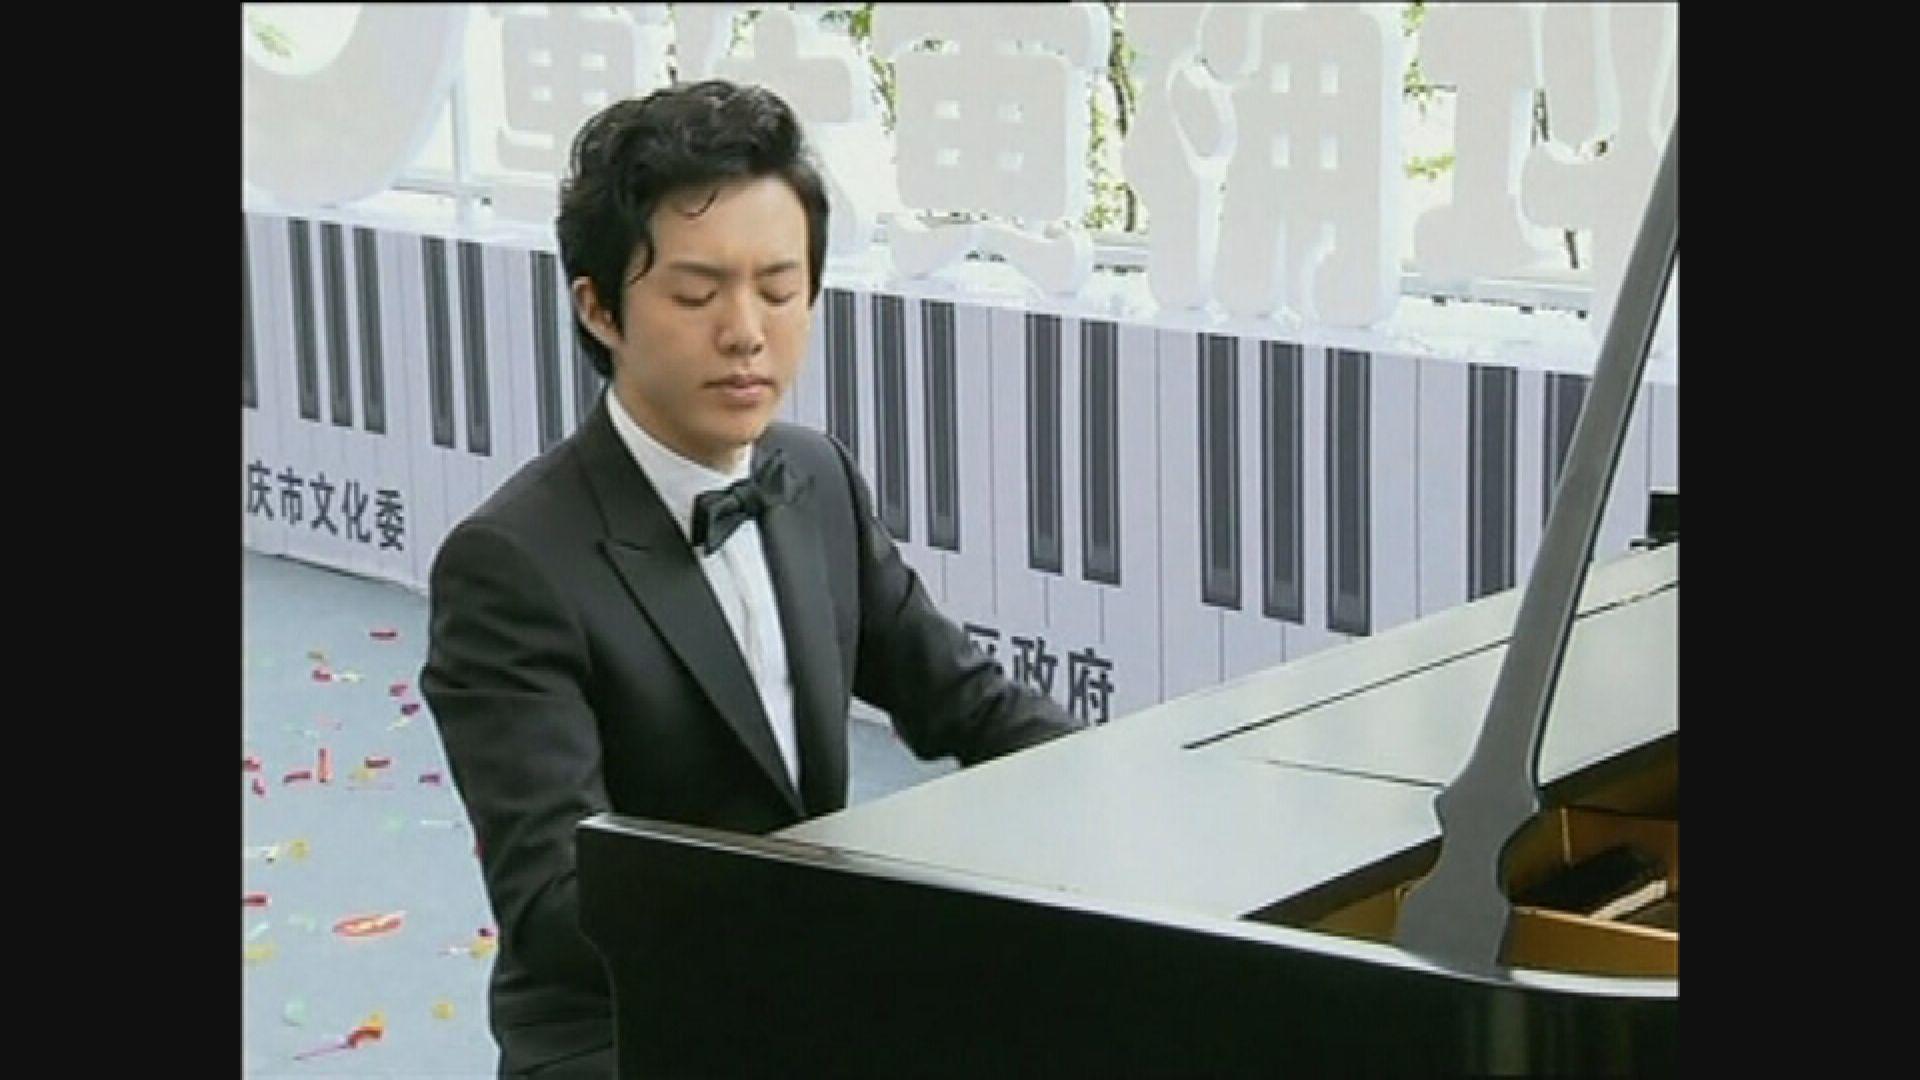 李雲迪被指嫖娼 中國音樂家協會取消其會員資格